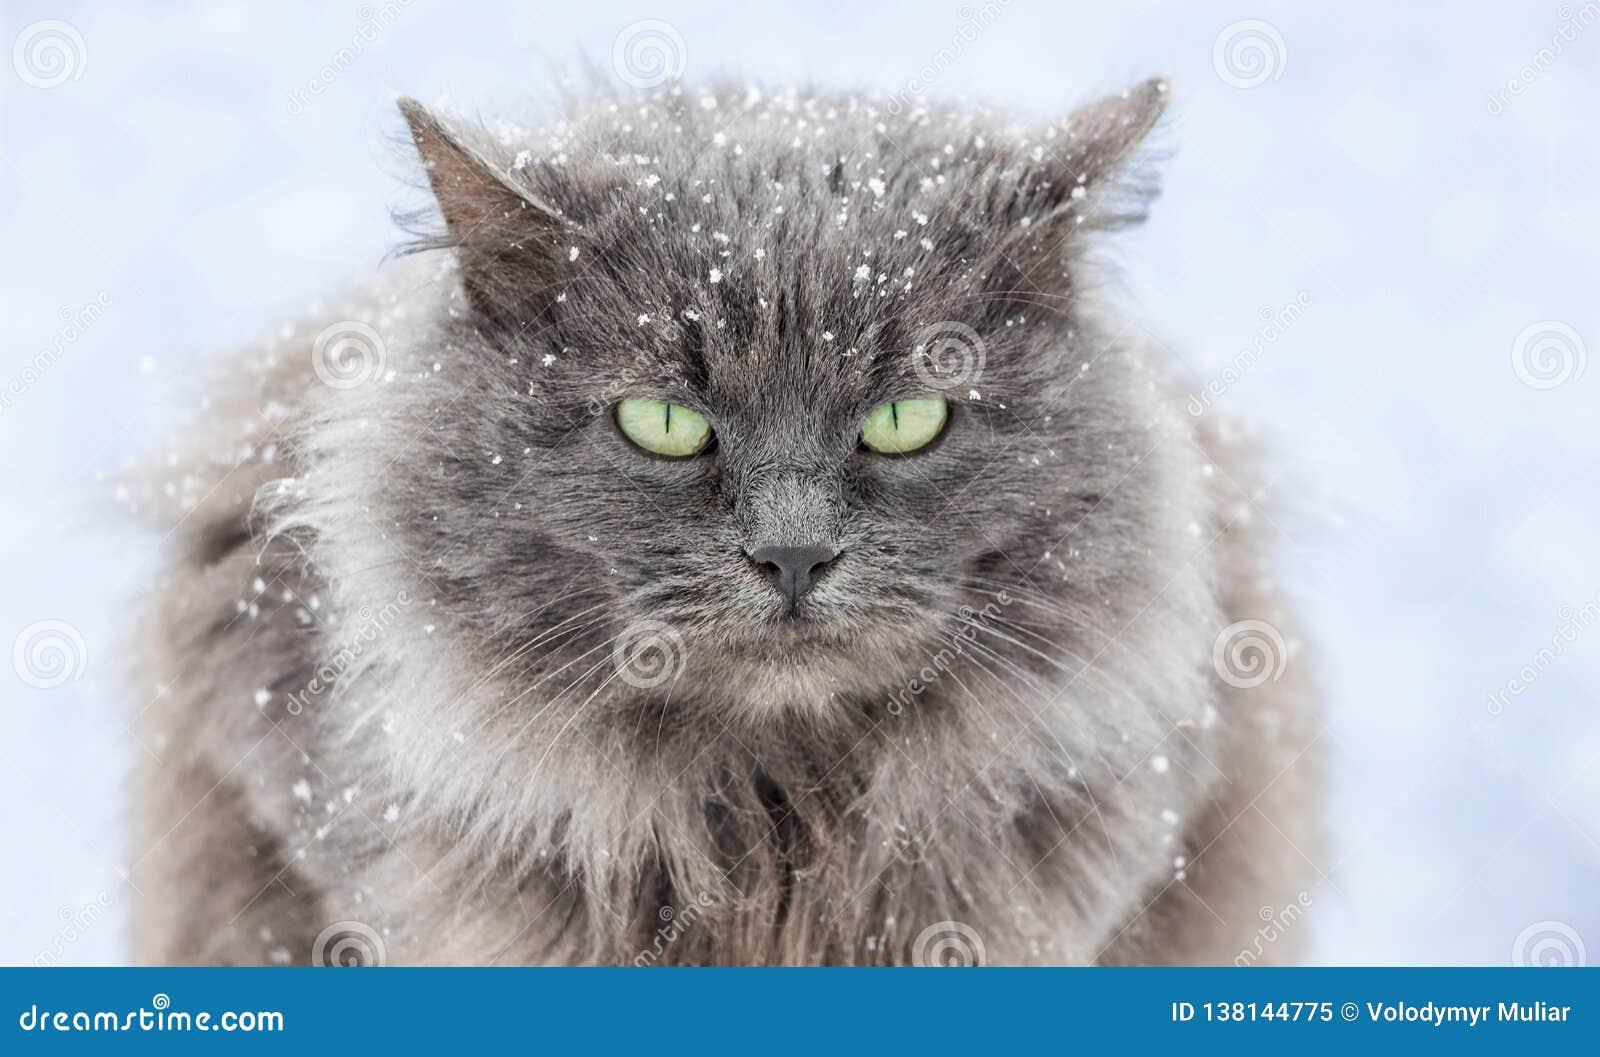 Śnieżysty kot siedzi na street_ z zielonymi oczami